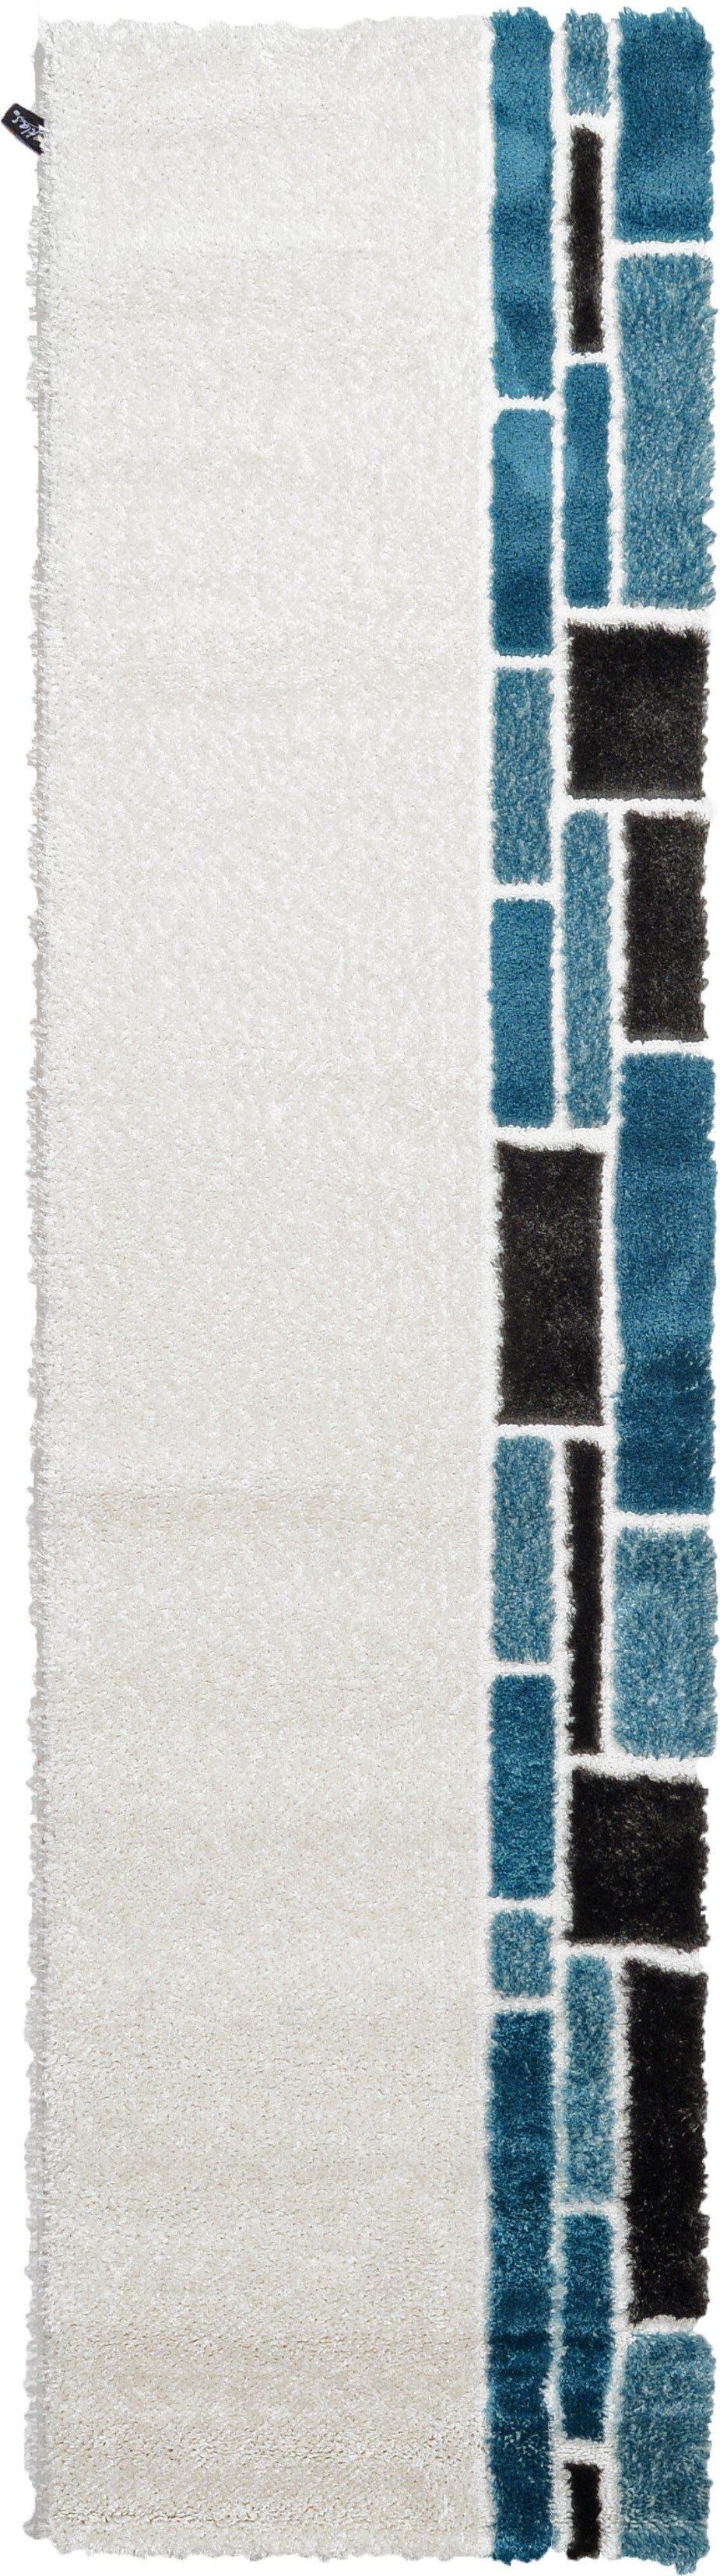 2' 7 x 9' 10 Abstract Shag Runner Rug main image